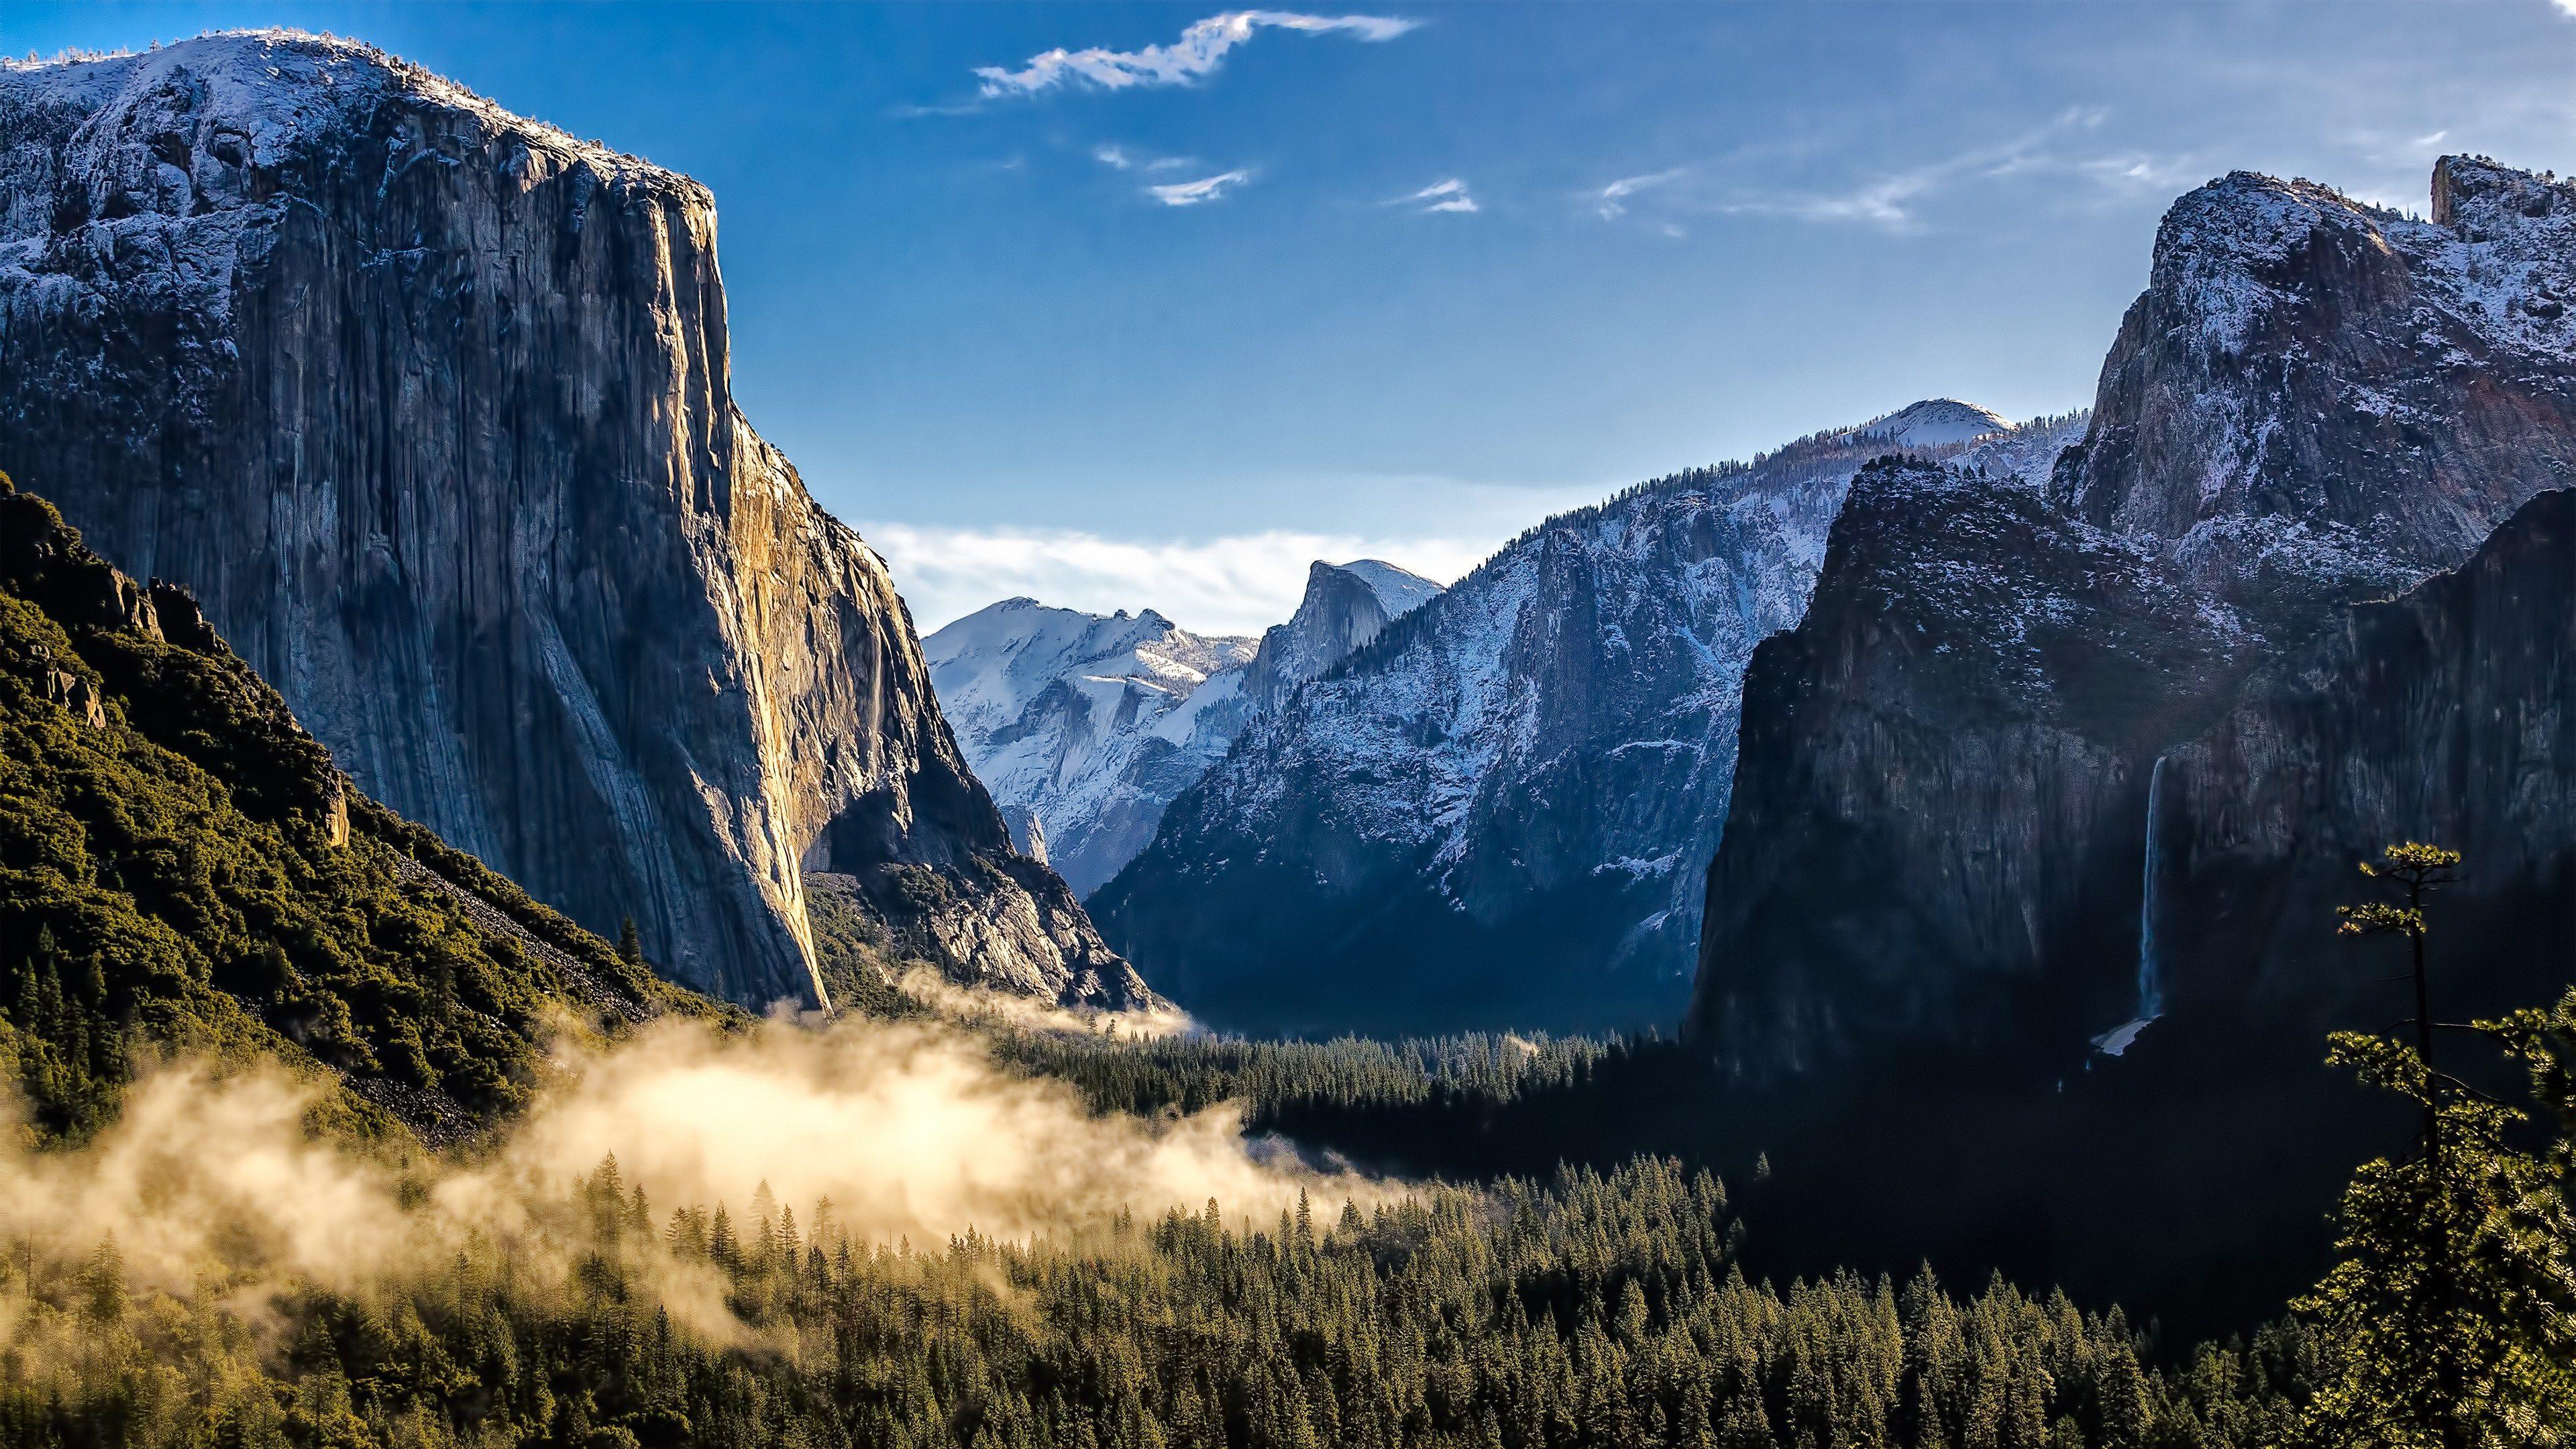 3840x2160 Yosemite Valley 4k New Wallpaper Image Yosemite Wallpaper Yosemite Mountains National Parks